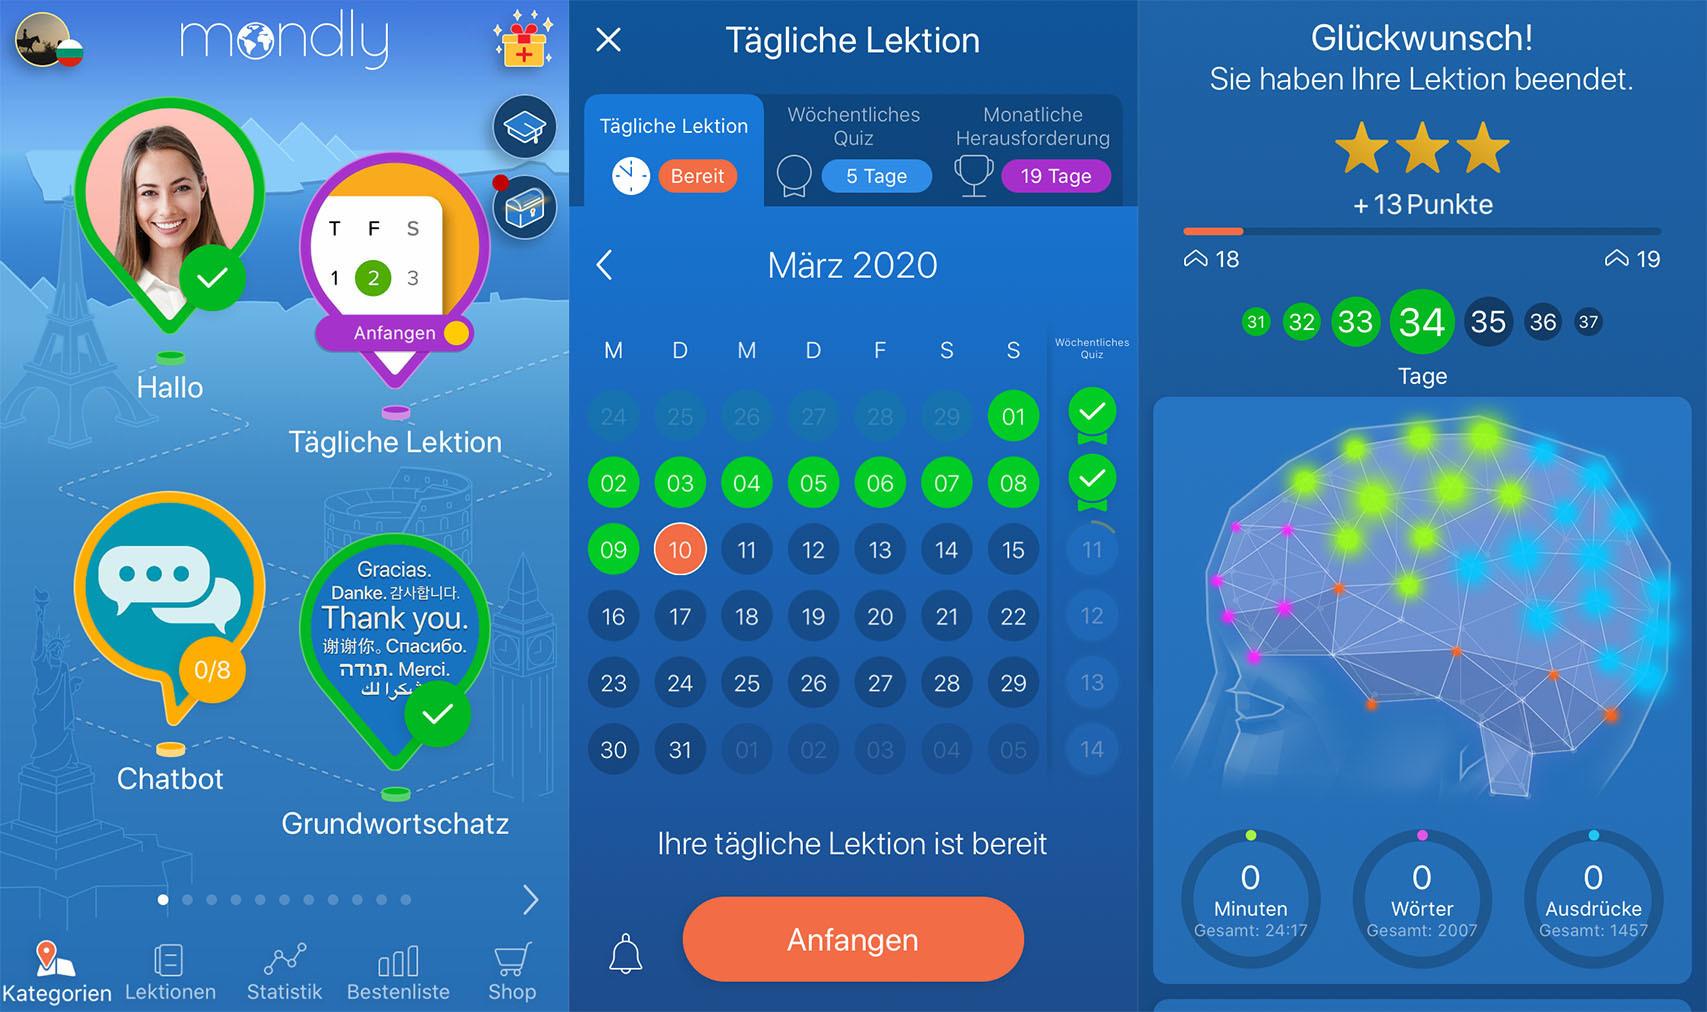 lektionen_mondly_app_tagesaufgabe